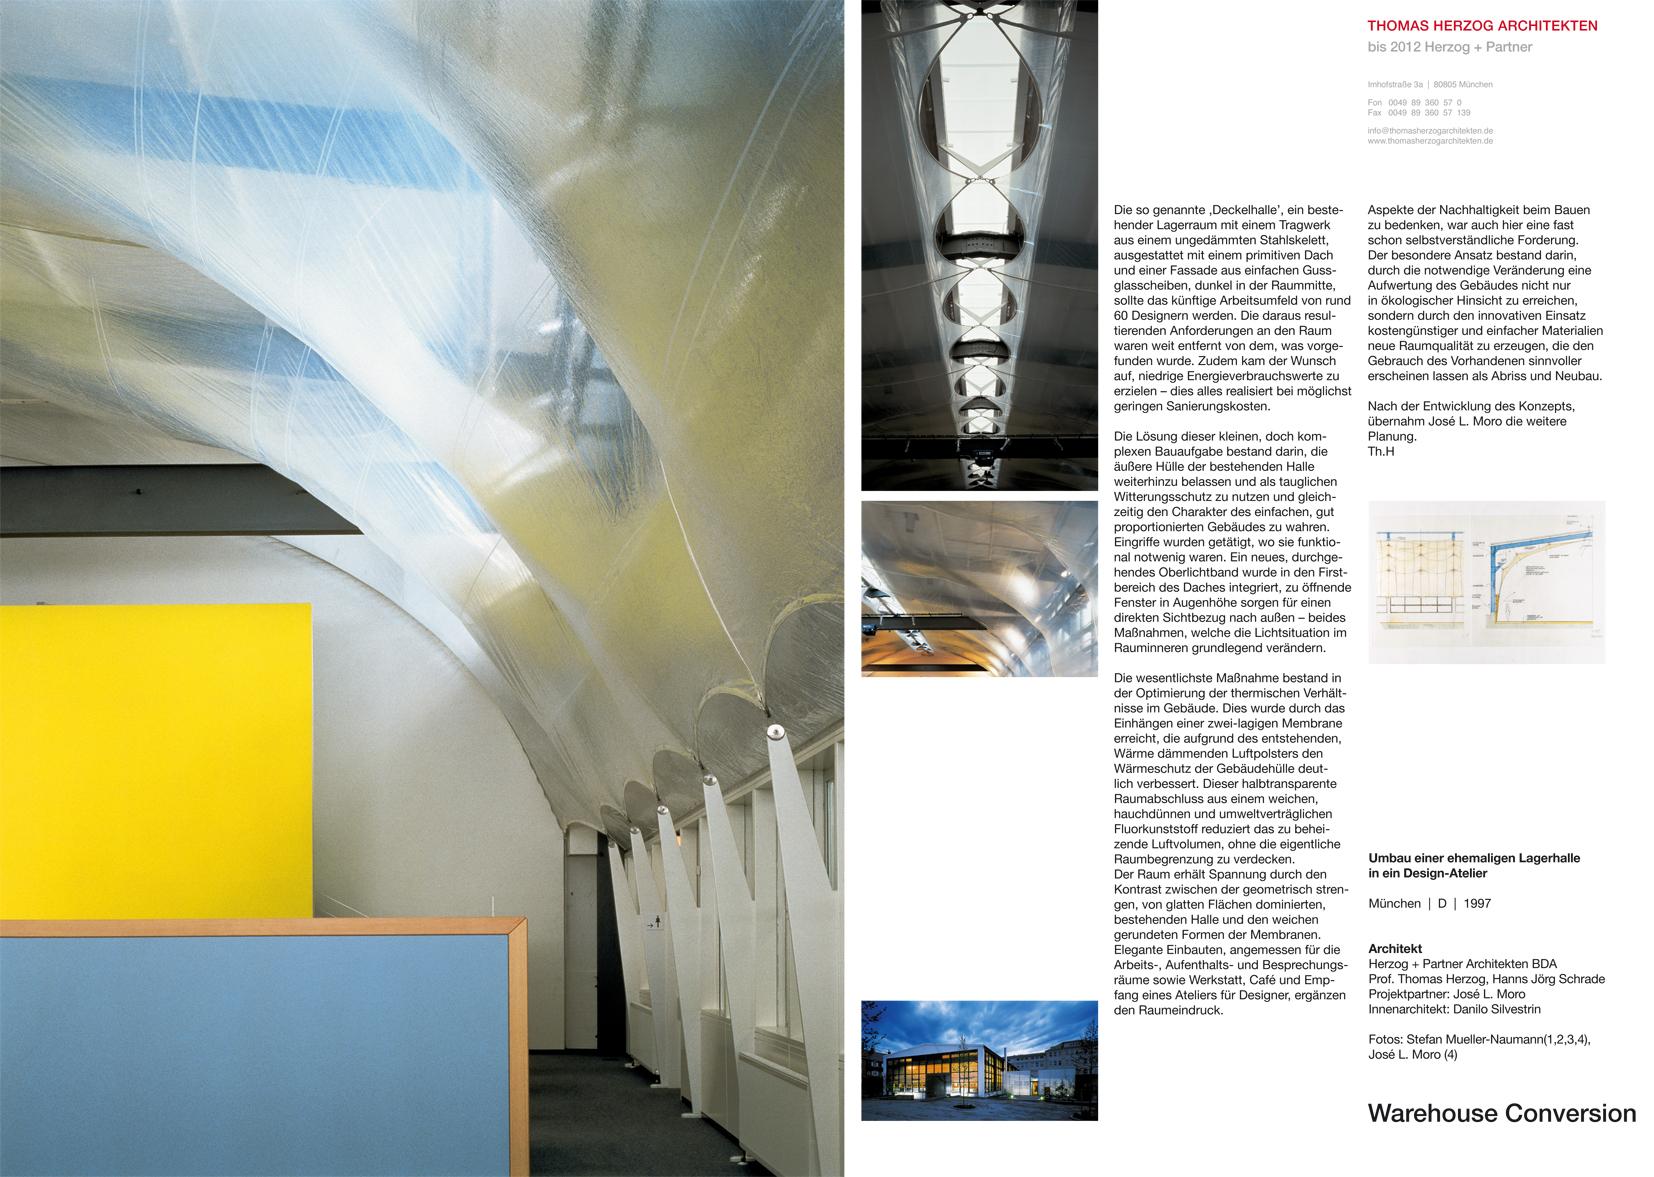 Umbau einer Lagerhalle in ein Design Atelier München DE 1997